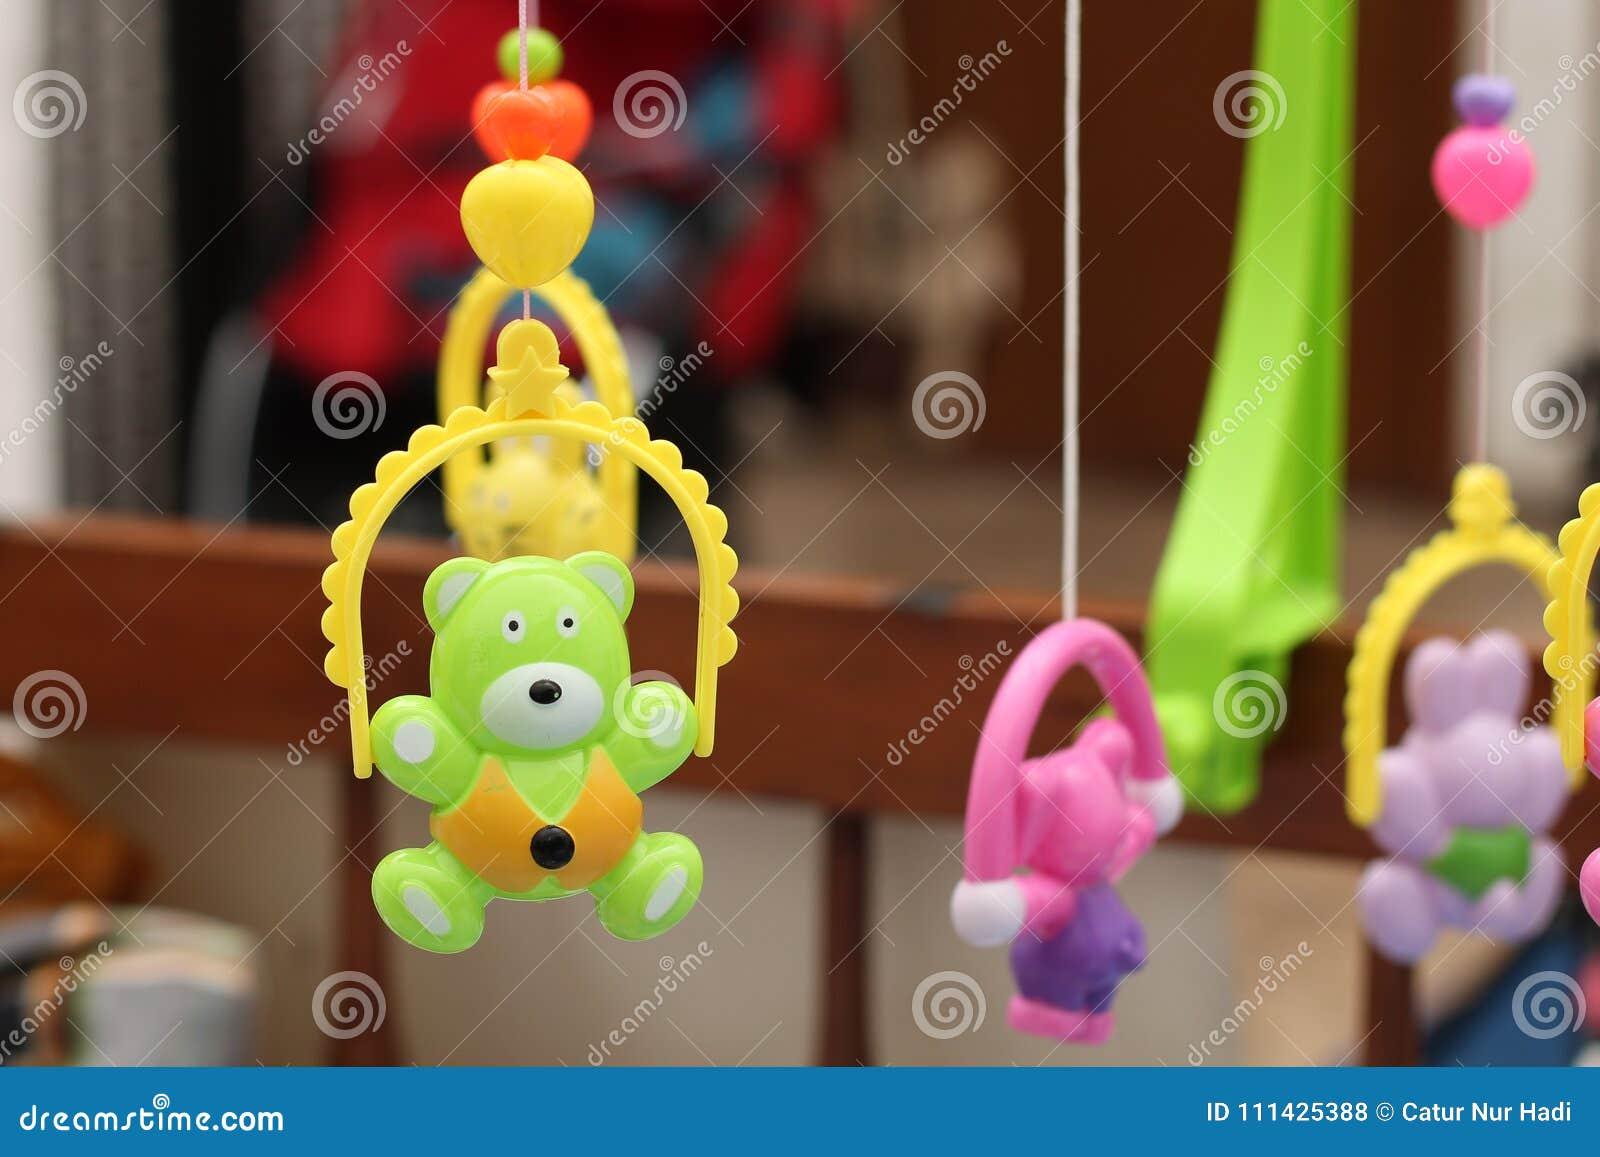 Пластмасса забавляется, игрушка a деталь который использован в игре, 1-й вариант